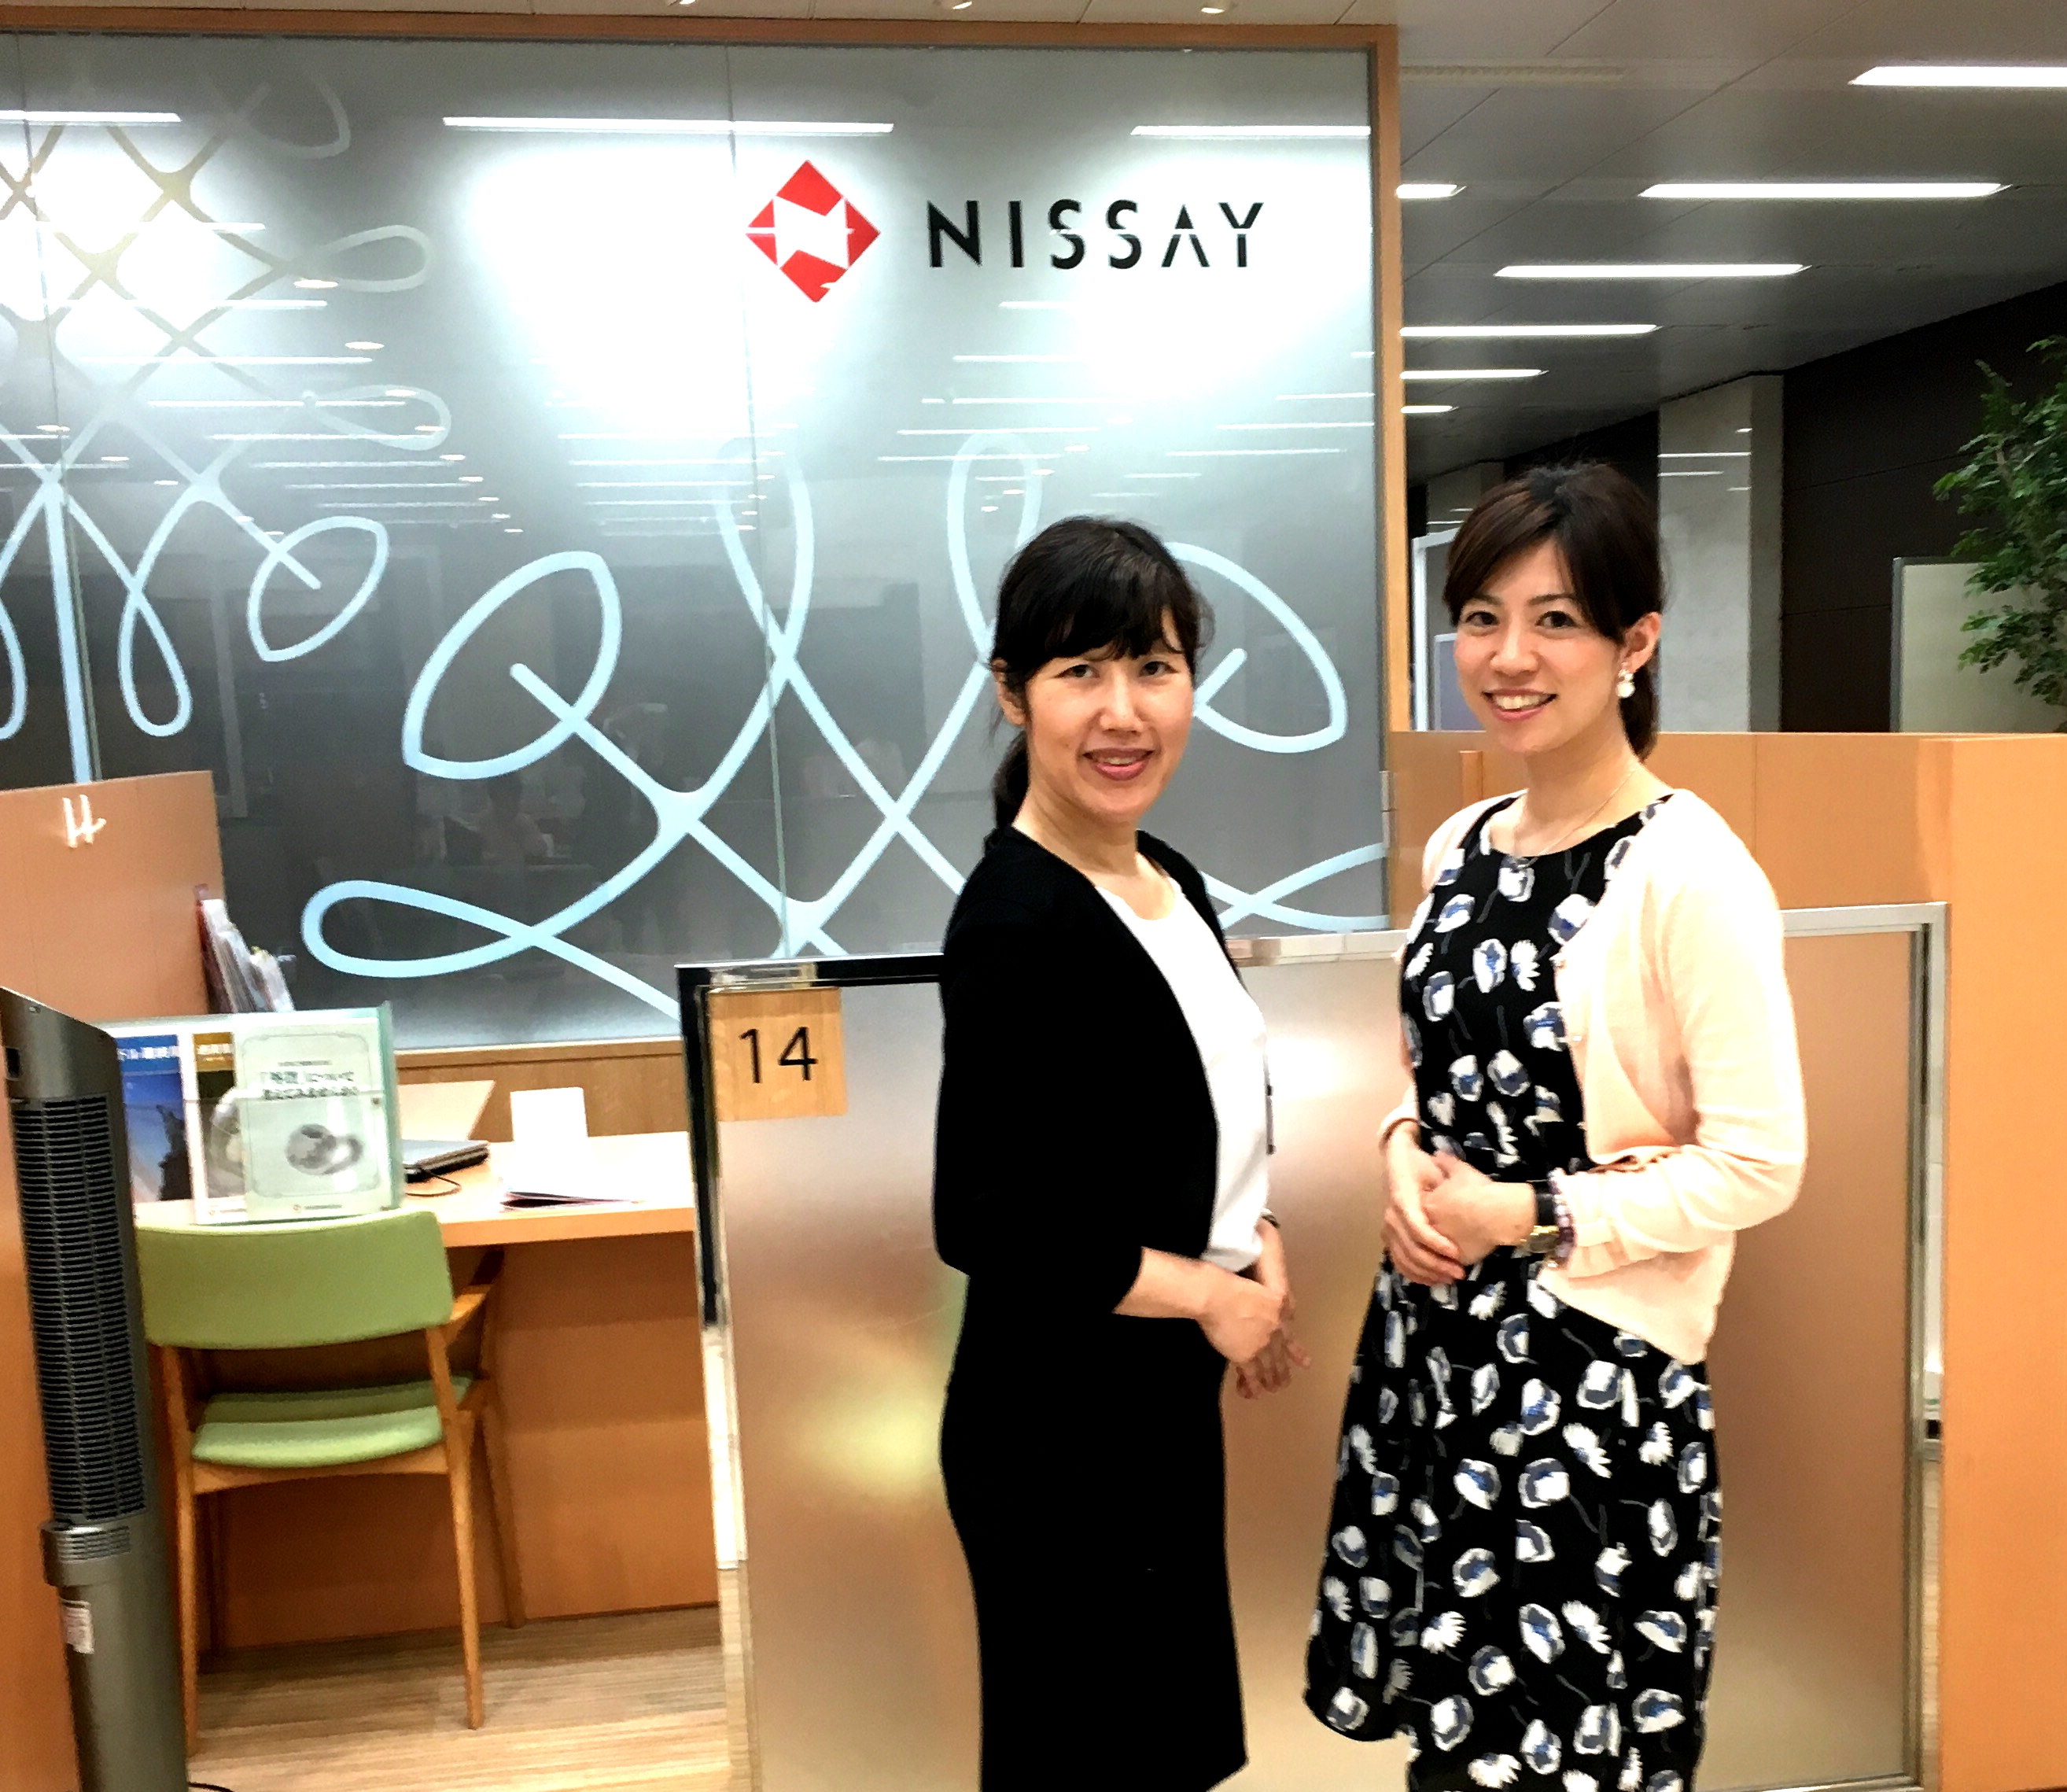 nissay